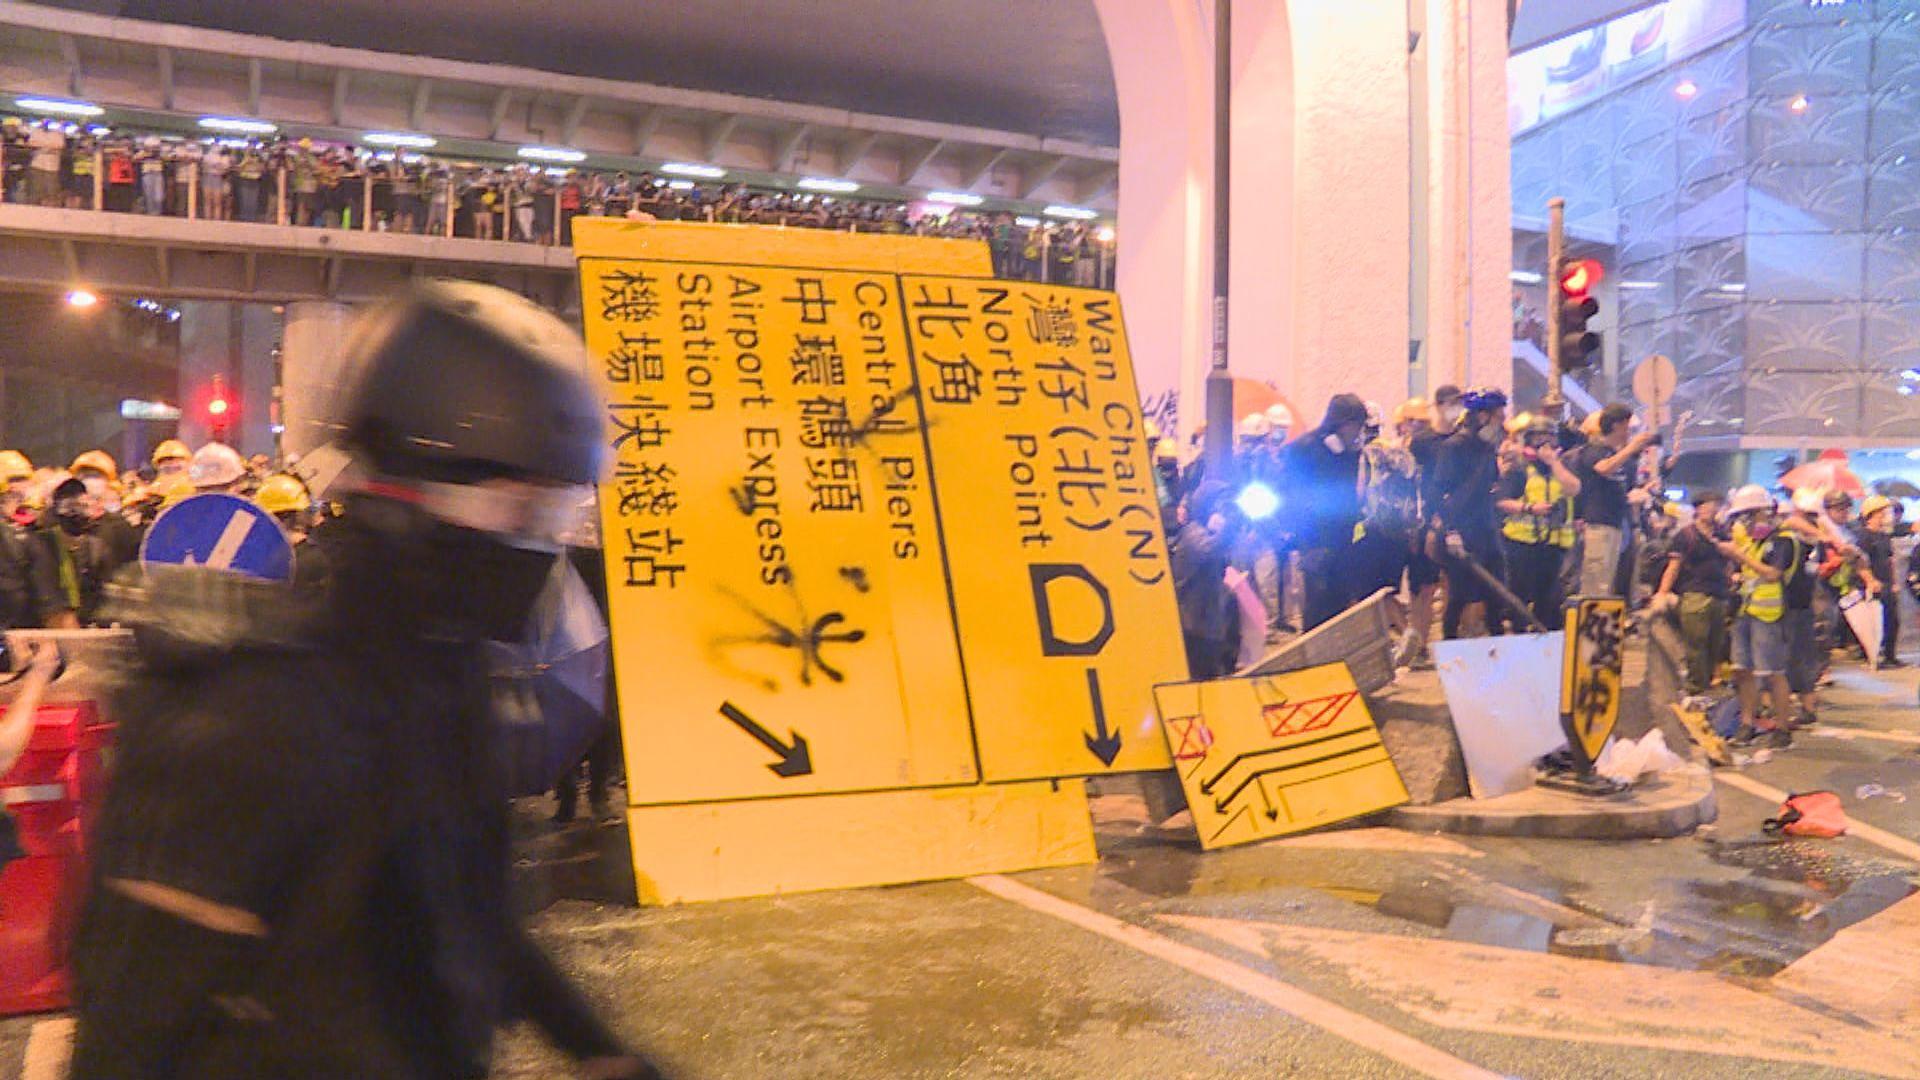 【即日焦點】反修例示威雙方武力升級 專家:海綿彈頭名字淡化殺傷力;新加坡前國會議員組新黨挑戰李顯龍 李顯揚表態支持